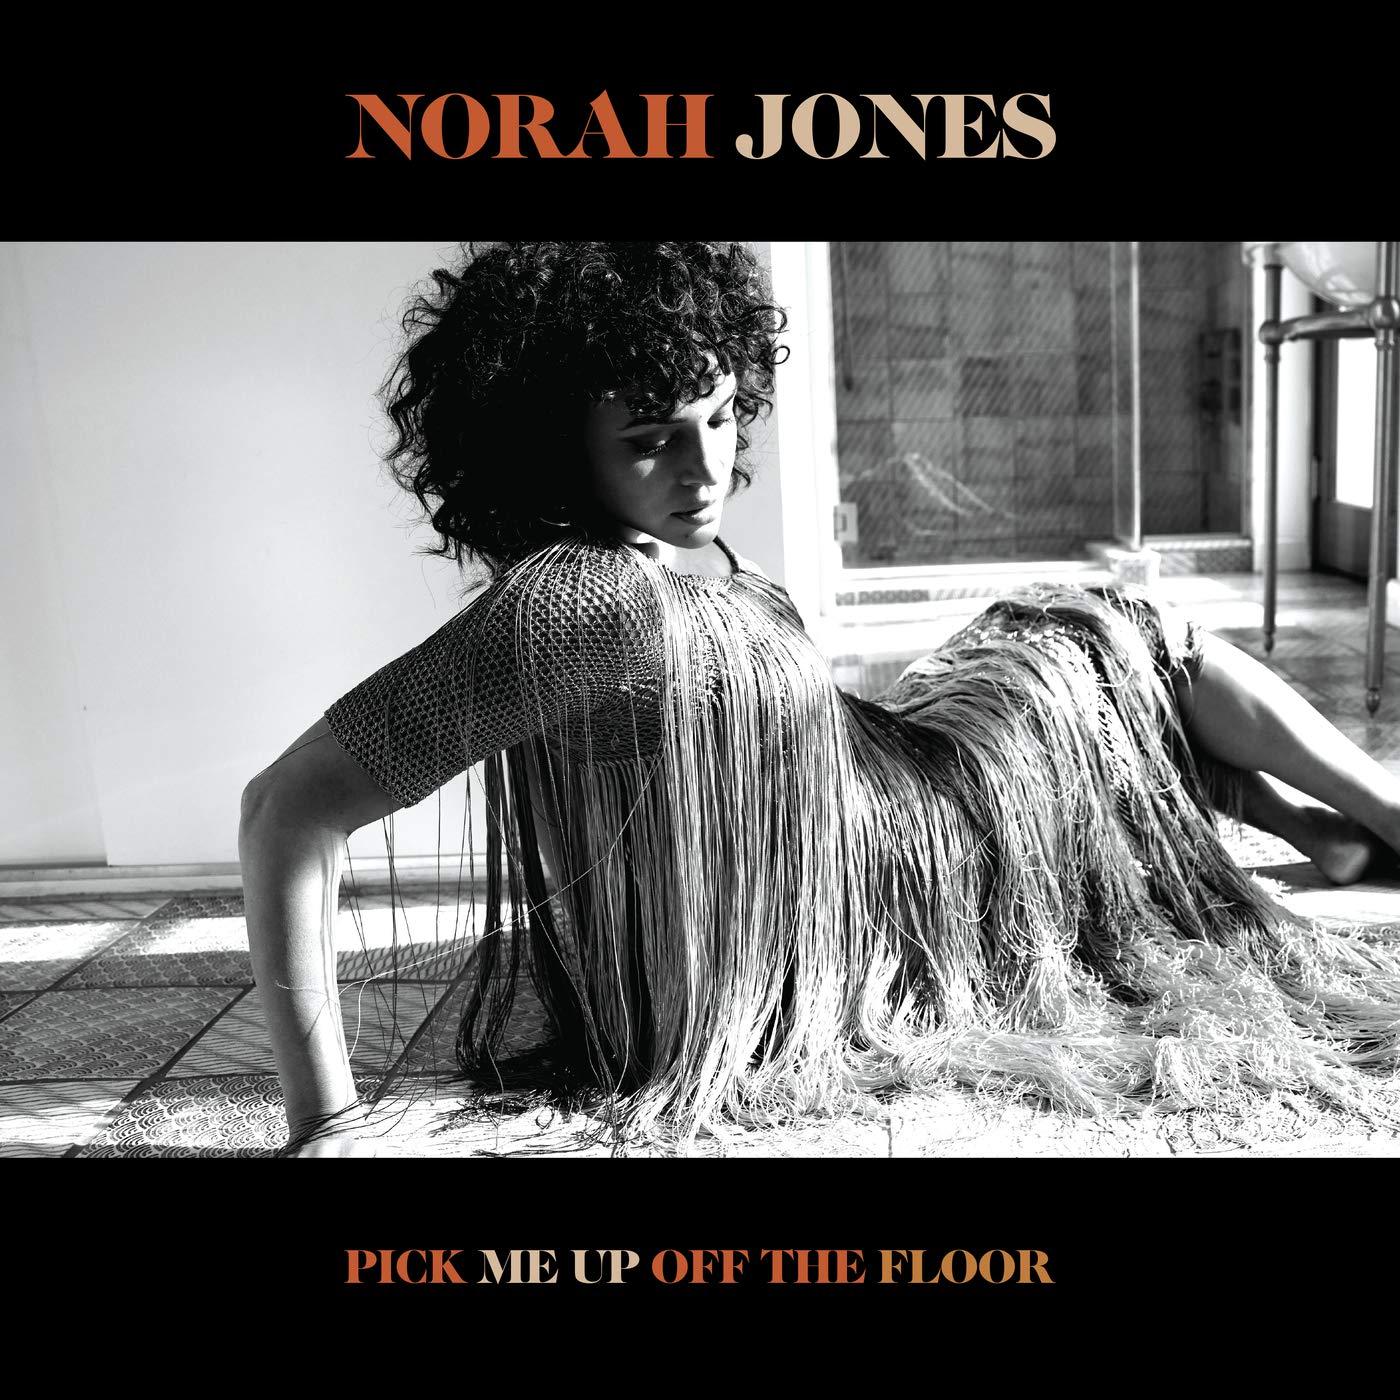 Norah Jones - Pick Me Up Off The Floor (2020) (Import, EU)